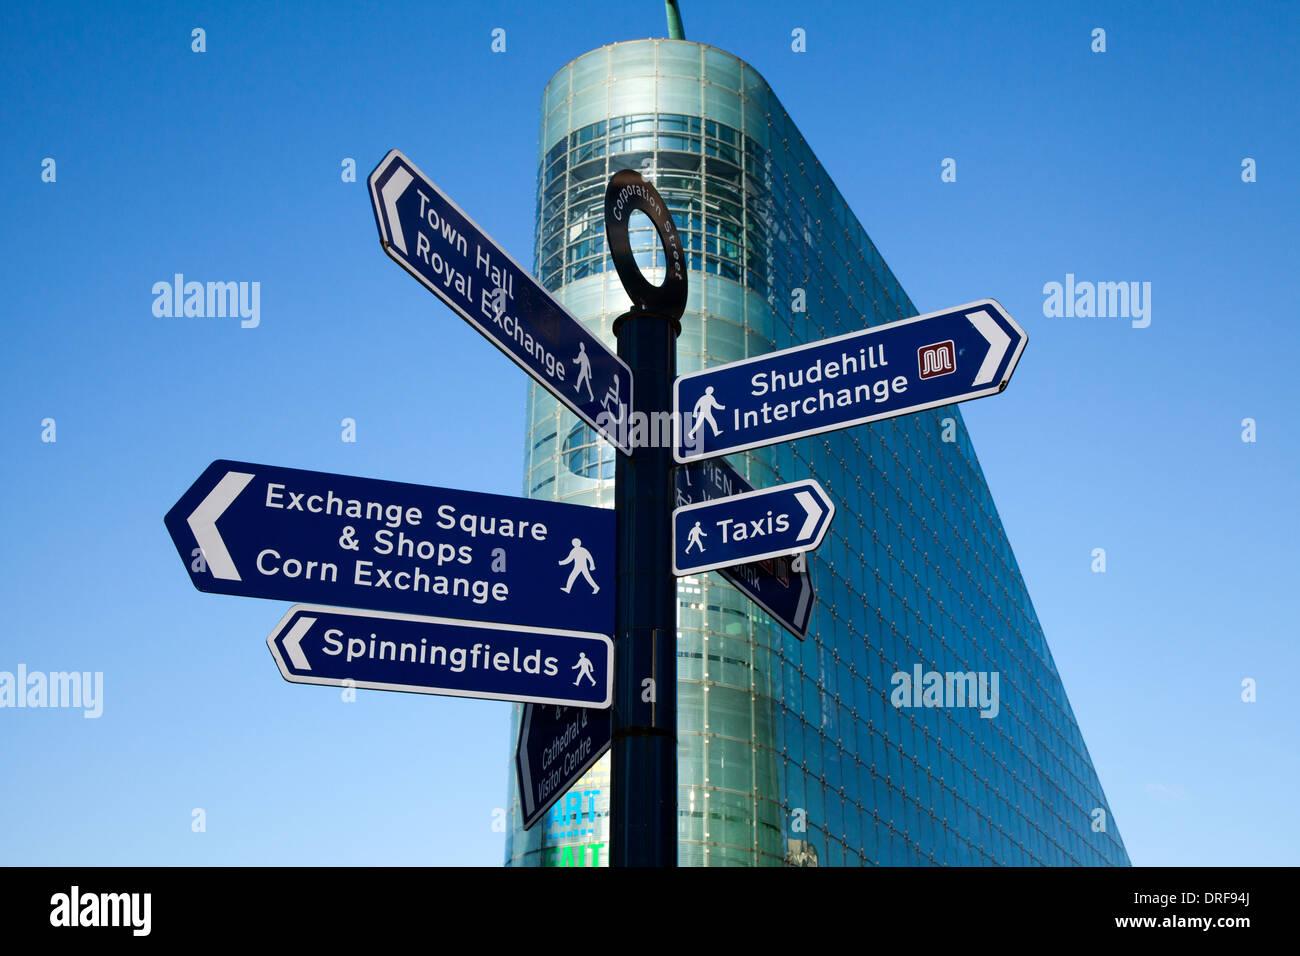 Straßenschild mit unterschiedlichen Zielen. Standorte & Reiseziele in der Nähe der Urbis Ausstellung Fußball Museums in Manchester, England, UK, Europa Schauplatz, Stockbild